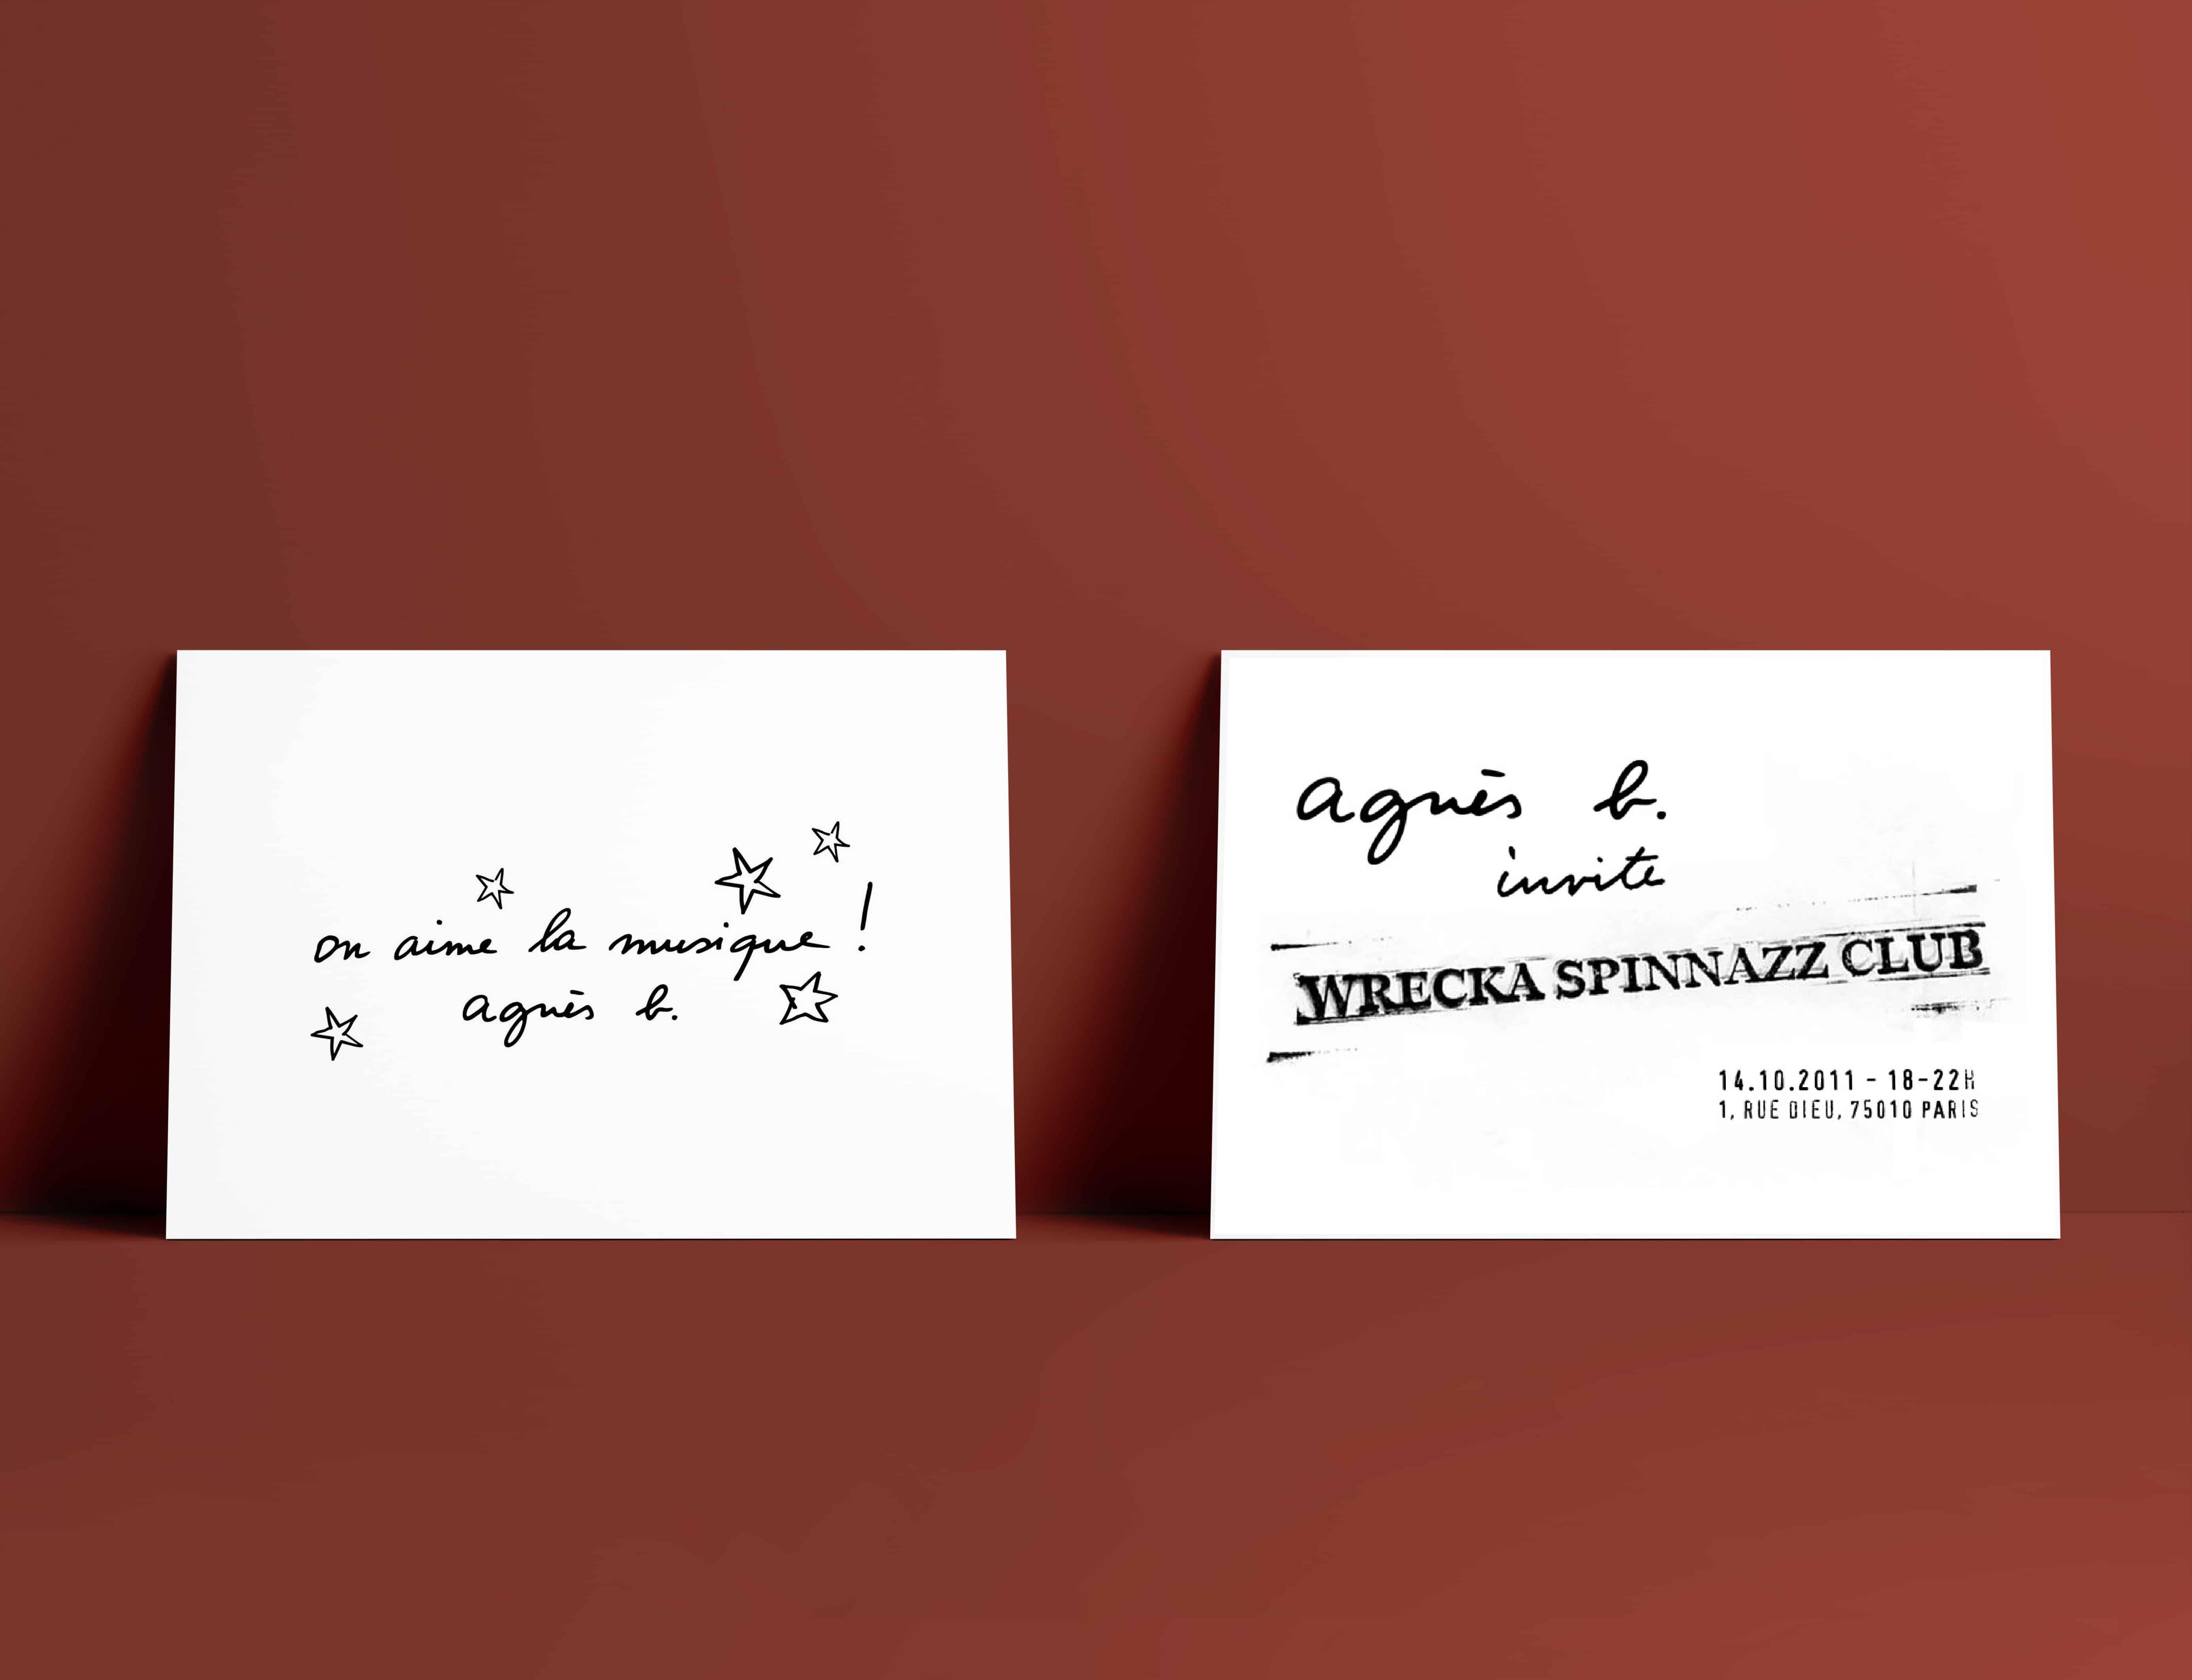 Mise en situation d'une carte postale agnès b de l'exposition Wrecka Spinazz Club